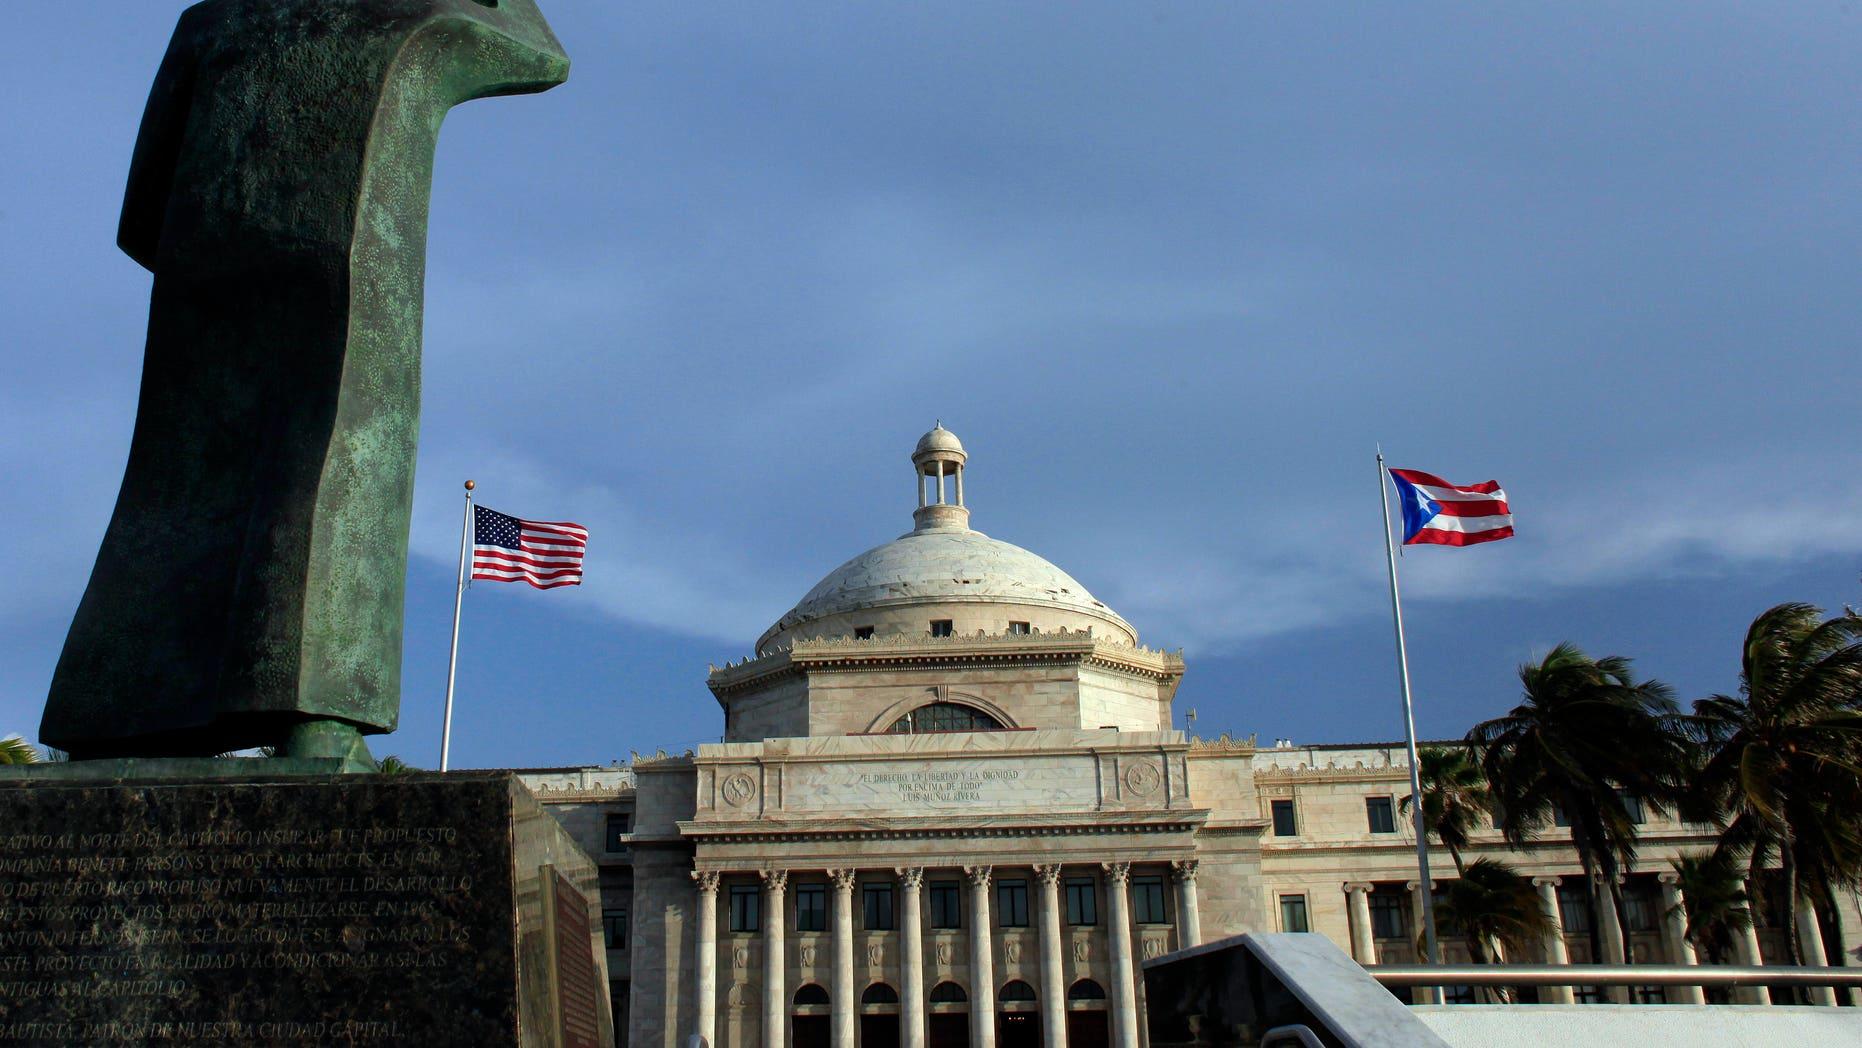 En esta imagen del miércoles 29 de julio de 2015, una estatua de bronce de San Juan bautista ante el capitolio en San Juan, Puerto Rico. Sumido en una crisis económica, el gobierno ha intentado aumentar los ingresos subiendo el impuesto sobre la venta al 11,5%, más alto que en cualquier estado de EEUU, y cerrado oficinas gubernamentales. (AP Foto/Ricardo Arduengo)